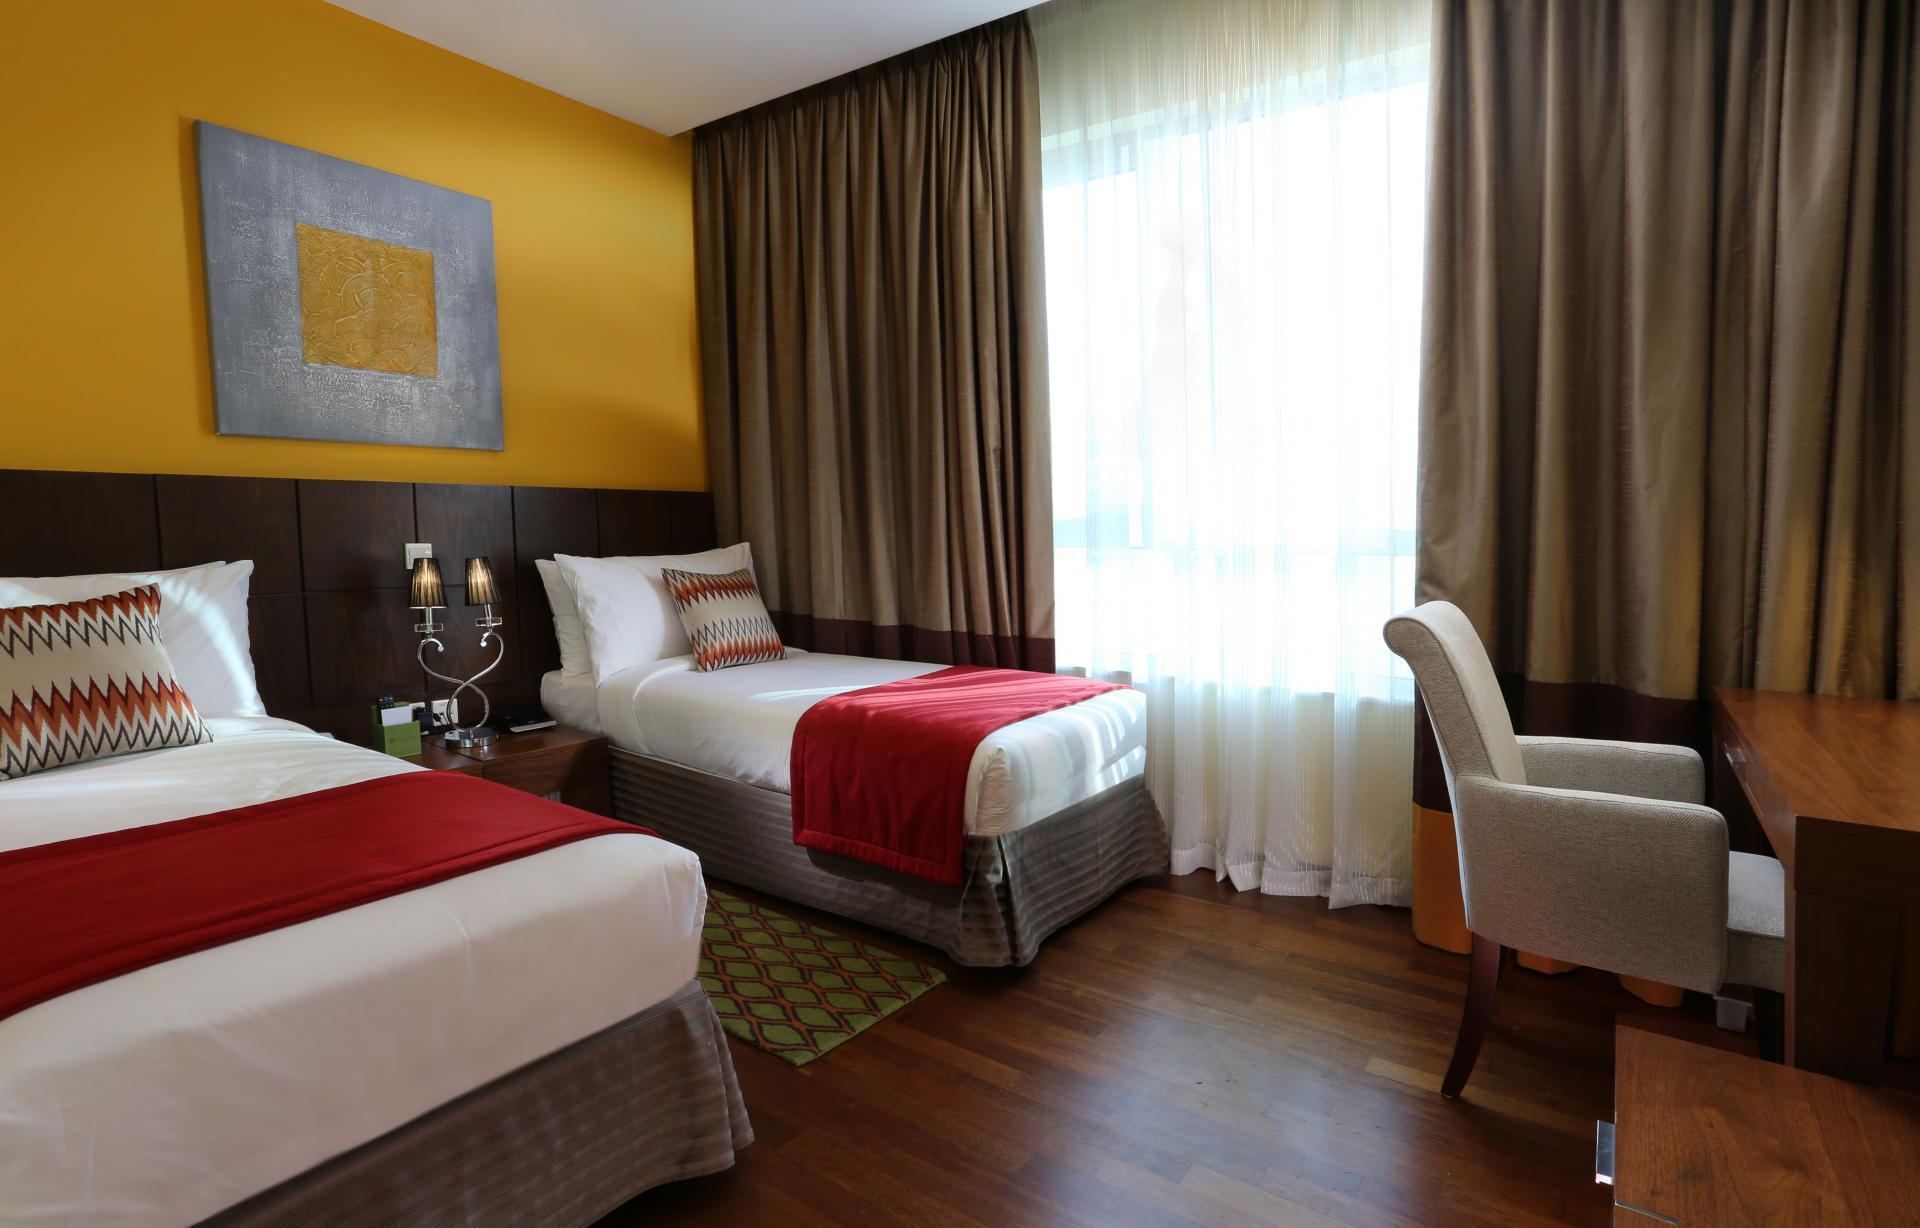 Twin beds at Ramada Downtown Dubai Apartments - Citybase Apartments